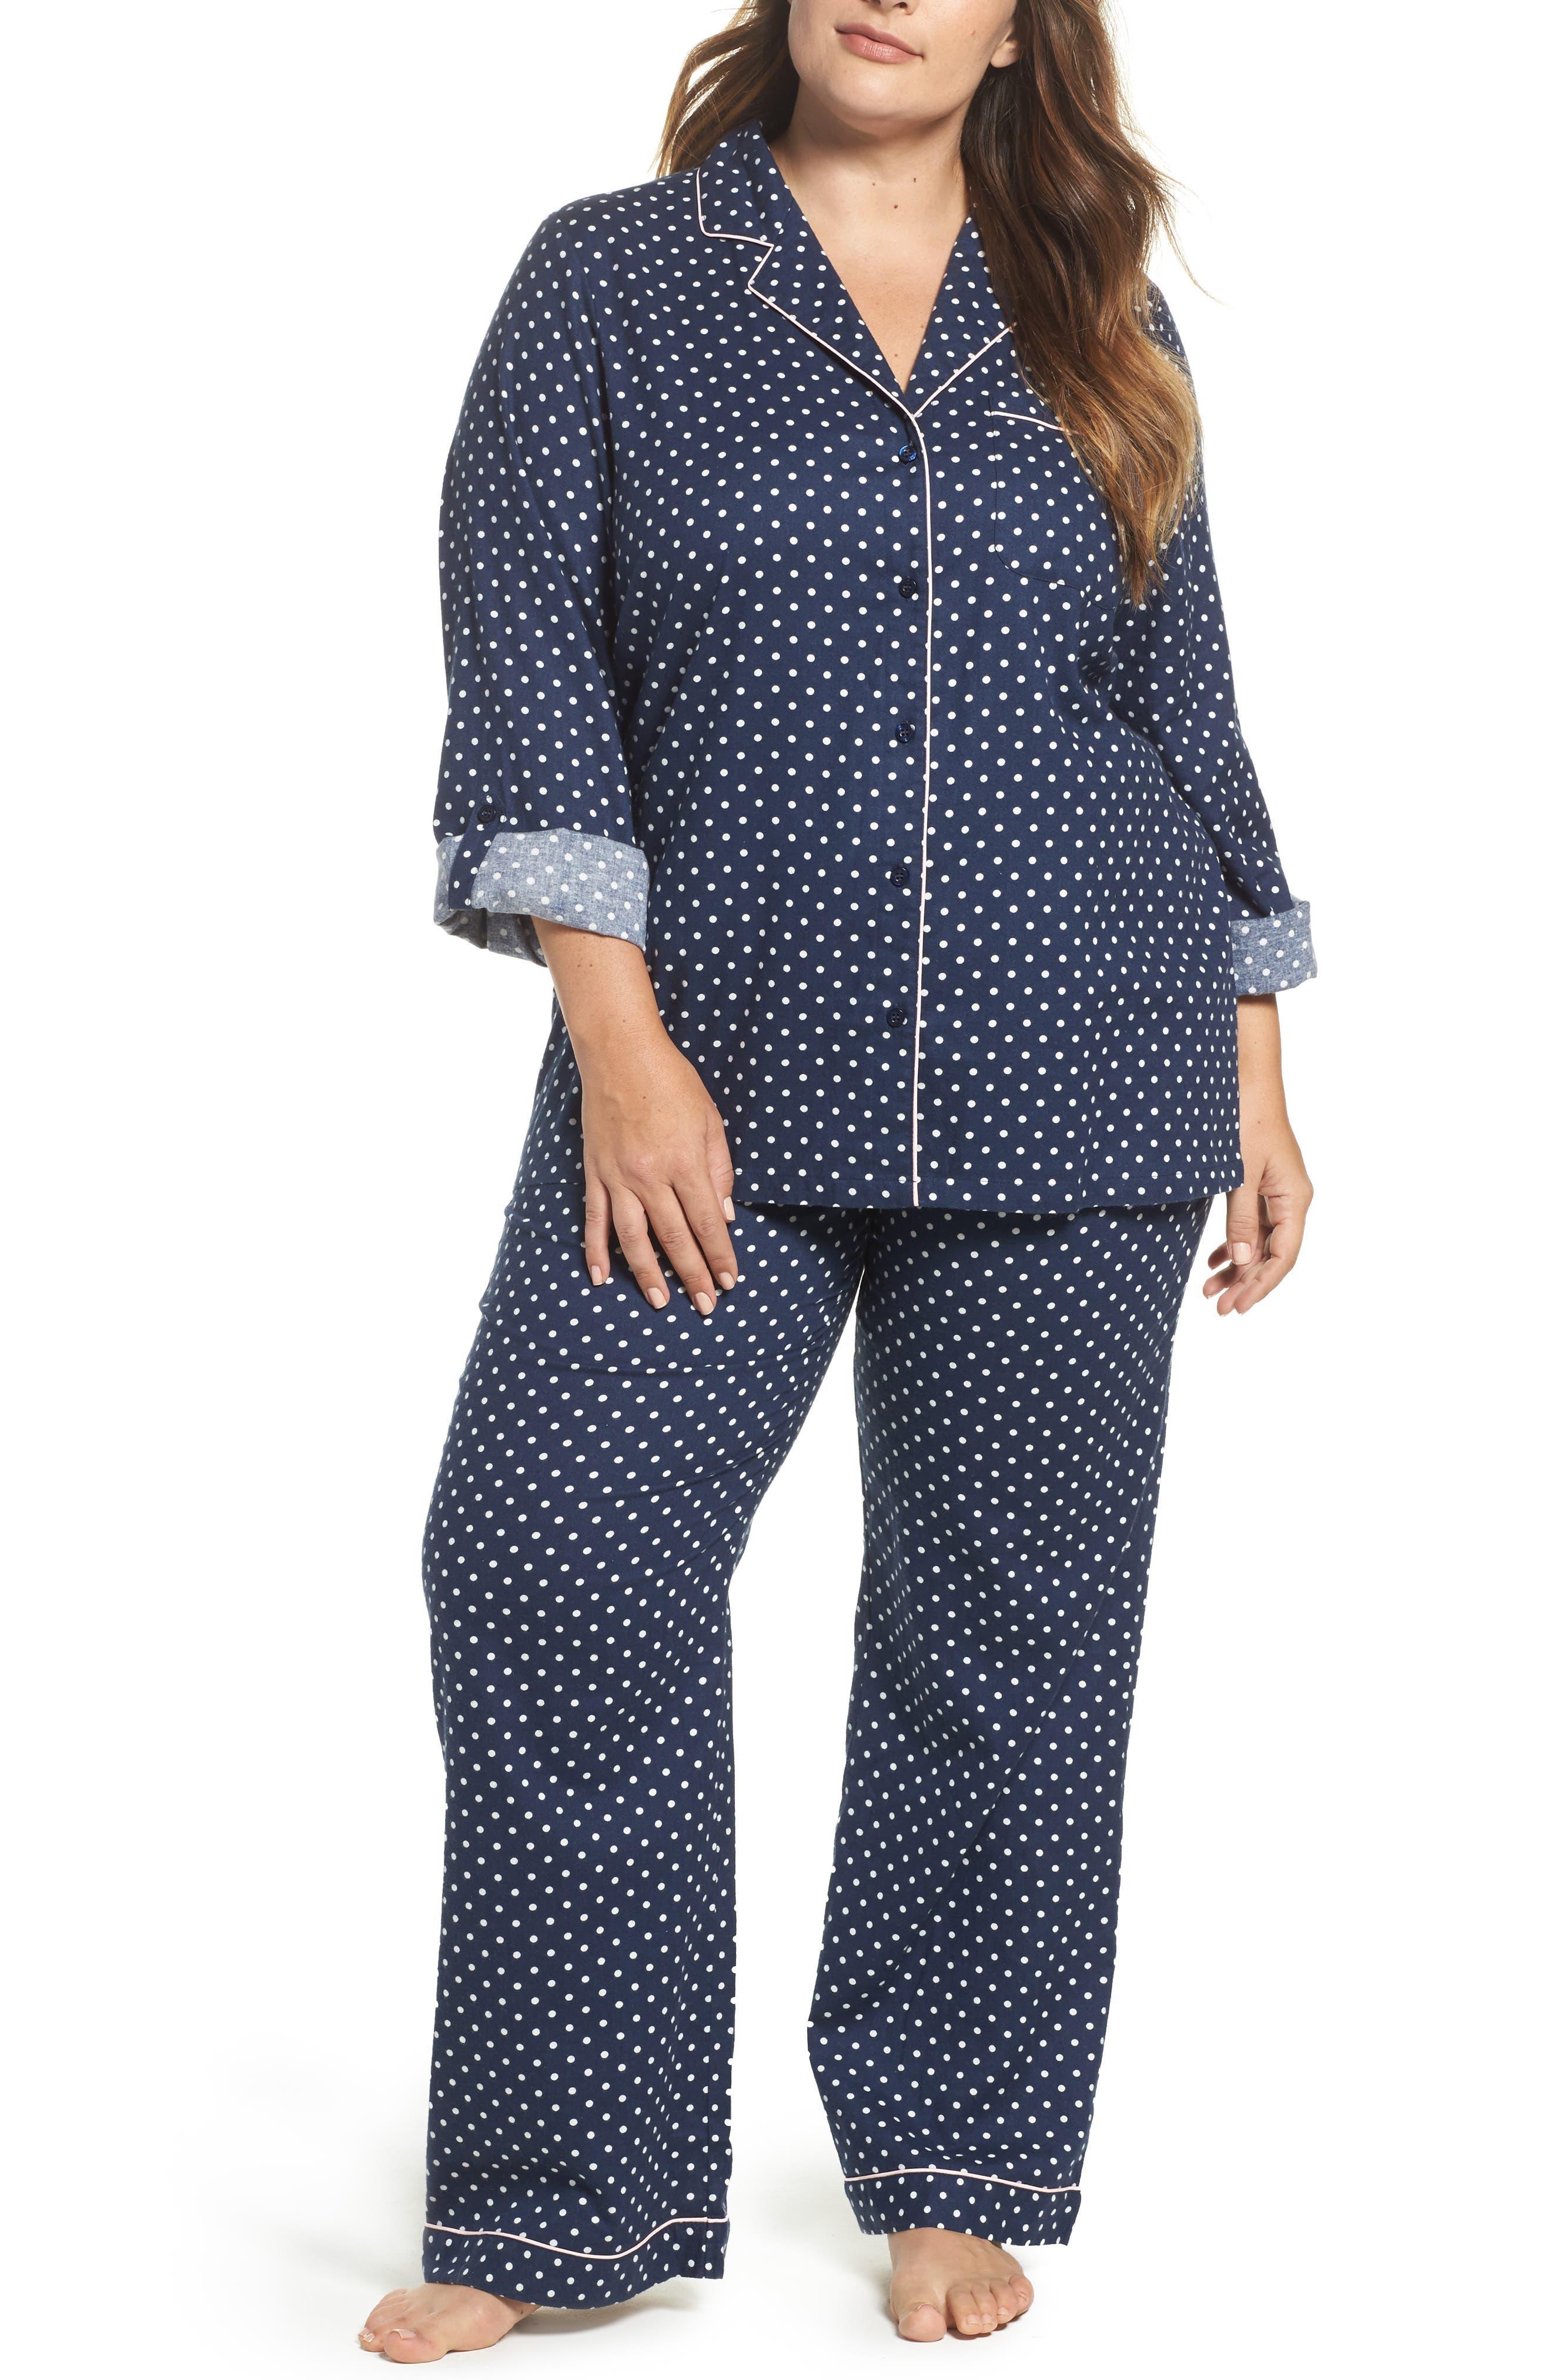 Cotton Twill Pajamas,                             Main thumbnail 1, color,                             Navy Peacoat Flirty Polka